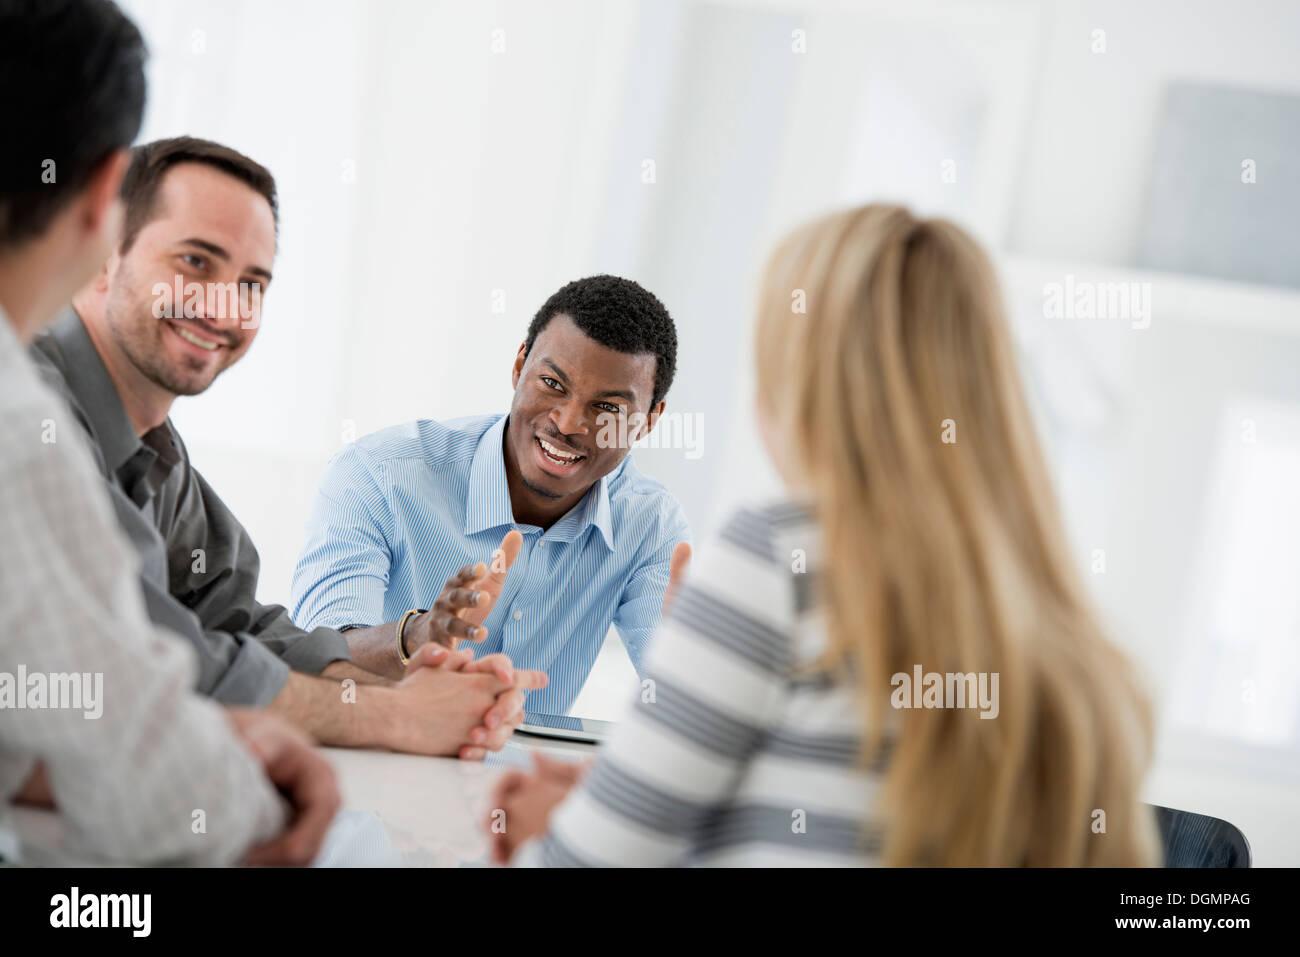 L'intérieur du bureau. Un groupe de quatre personnes, une femme et trois hommes. Photo Stock